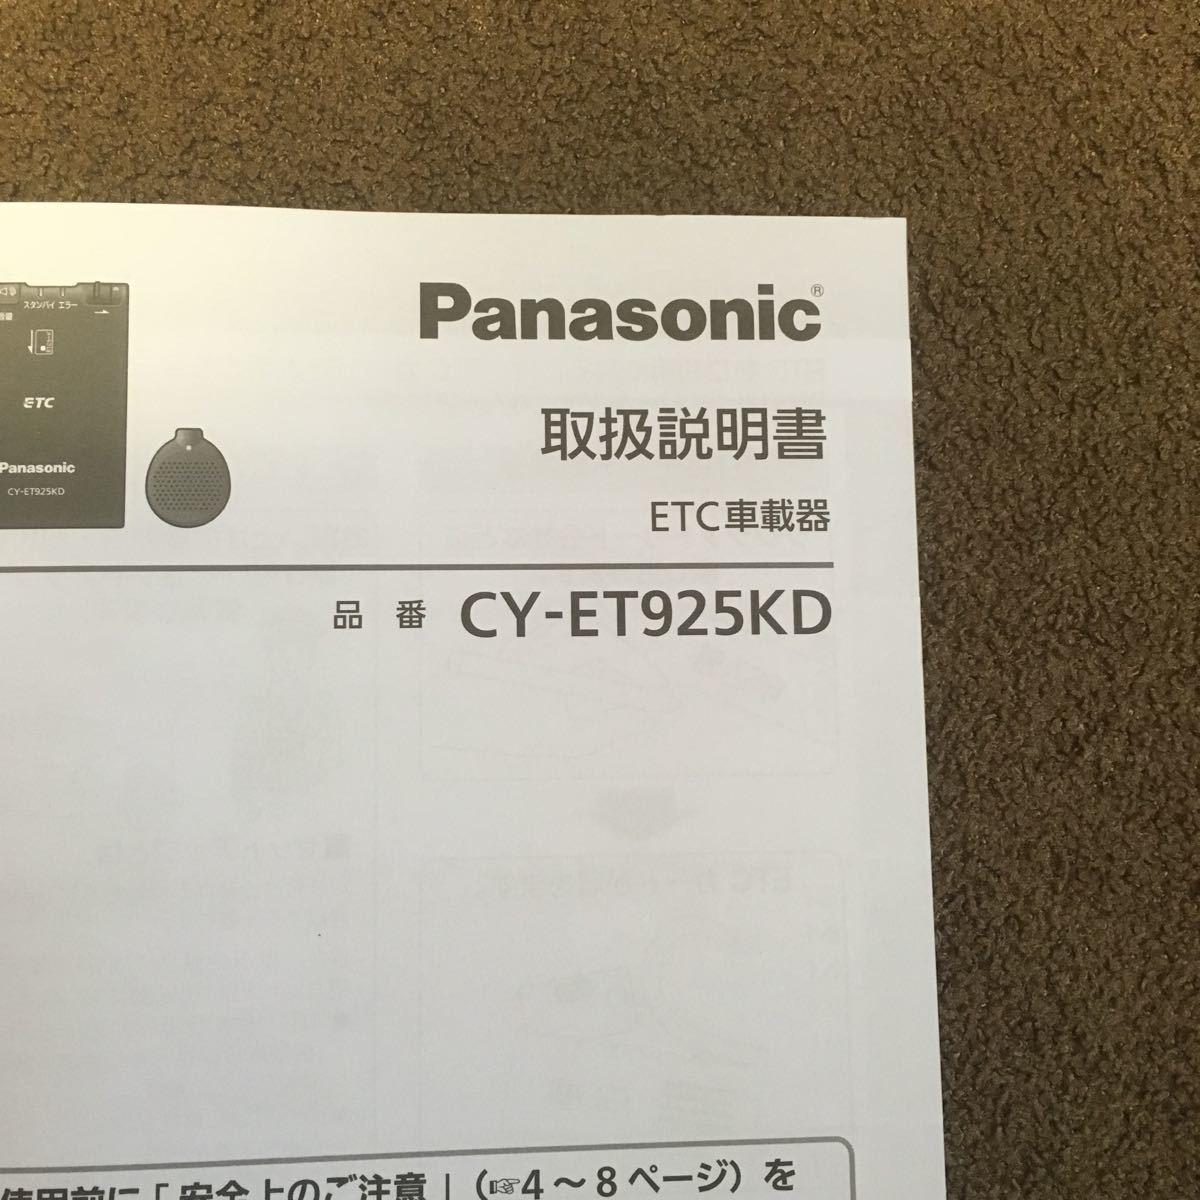 Panasonic パナソニック CY-ET925KD ETC車載器 取説 取扱書 取扱説明書_画像3